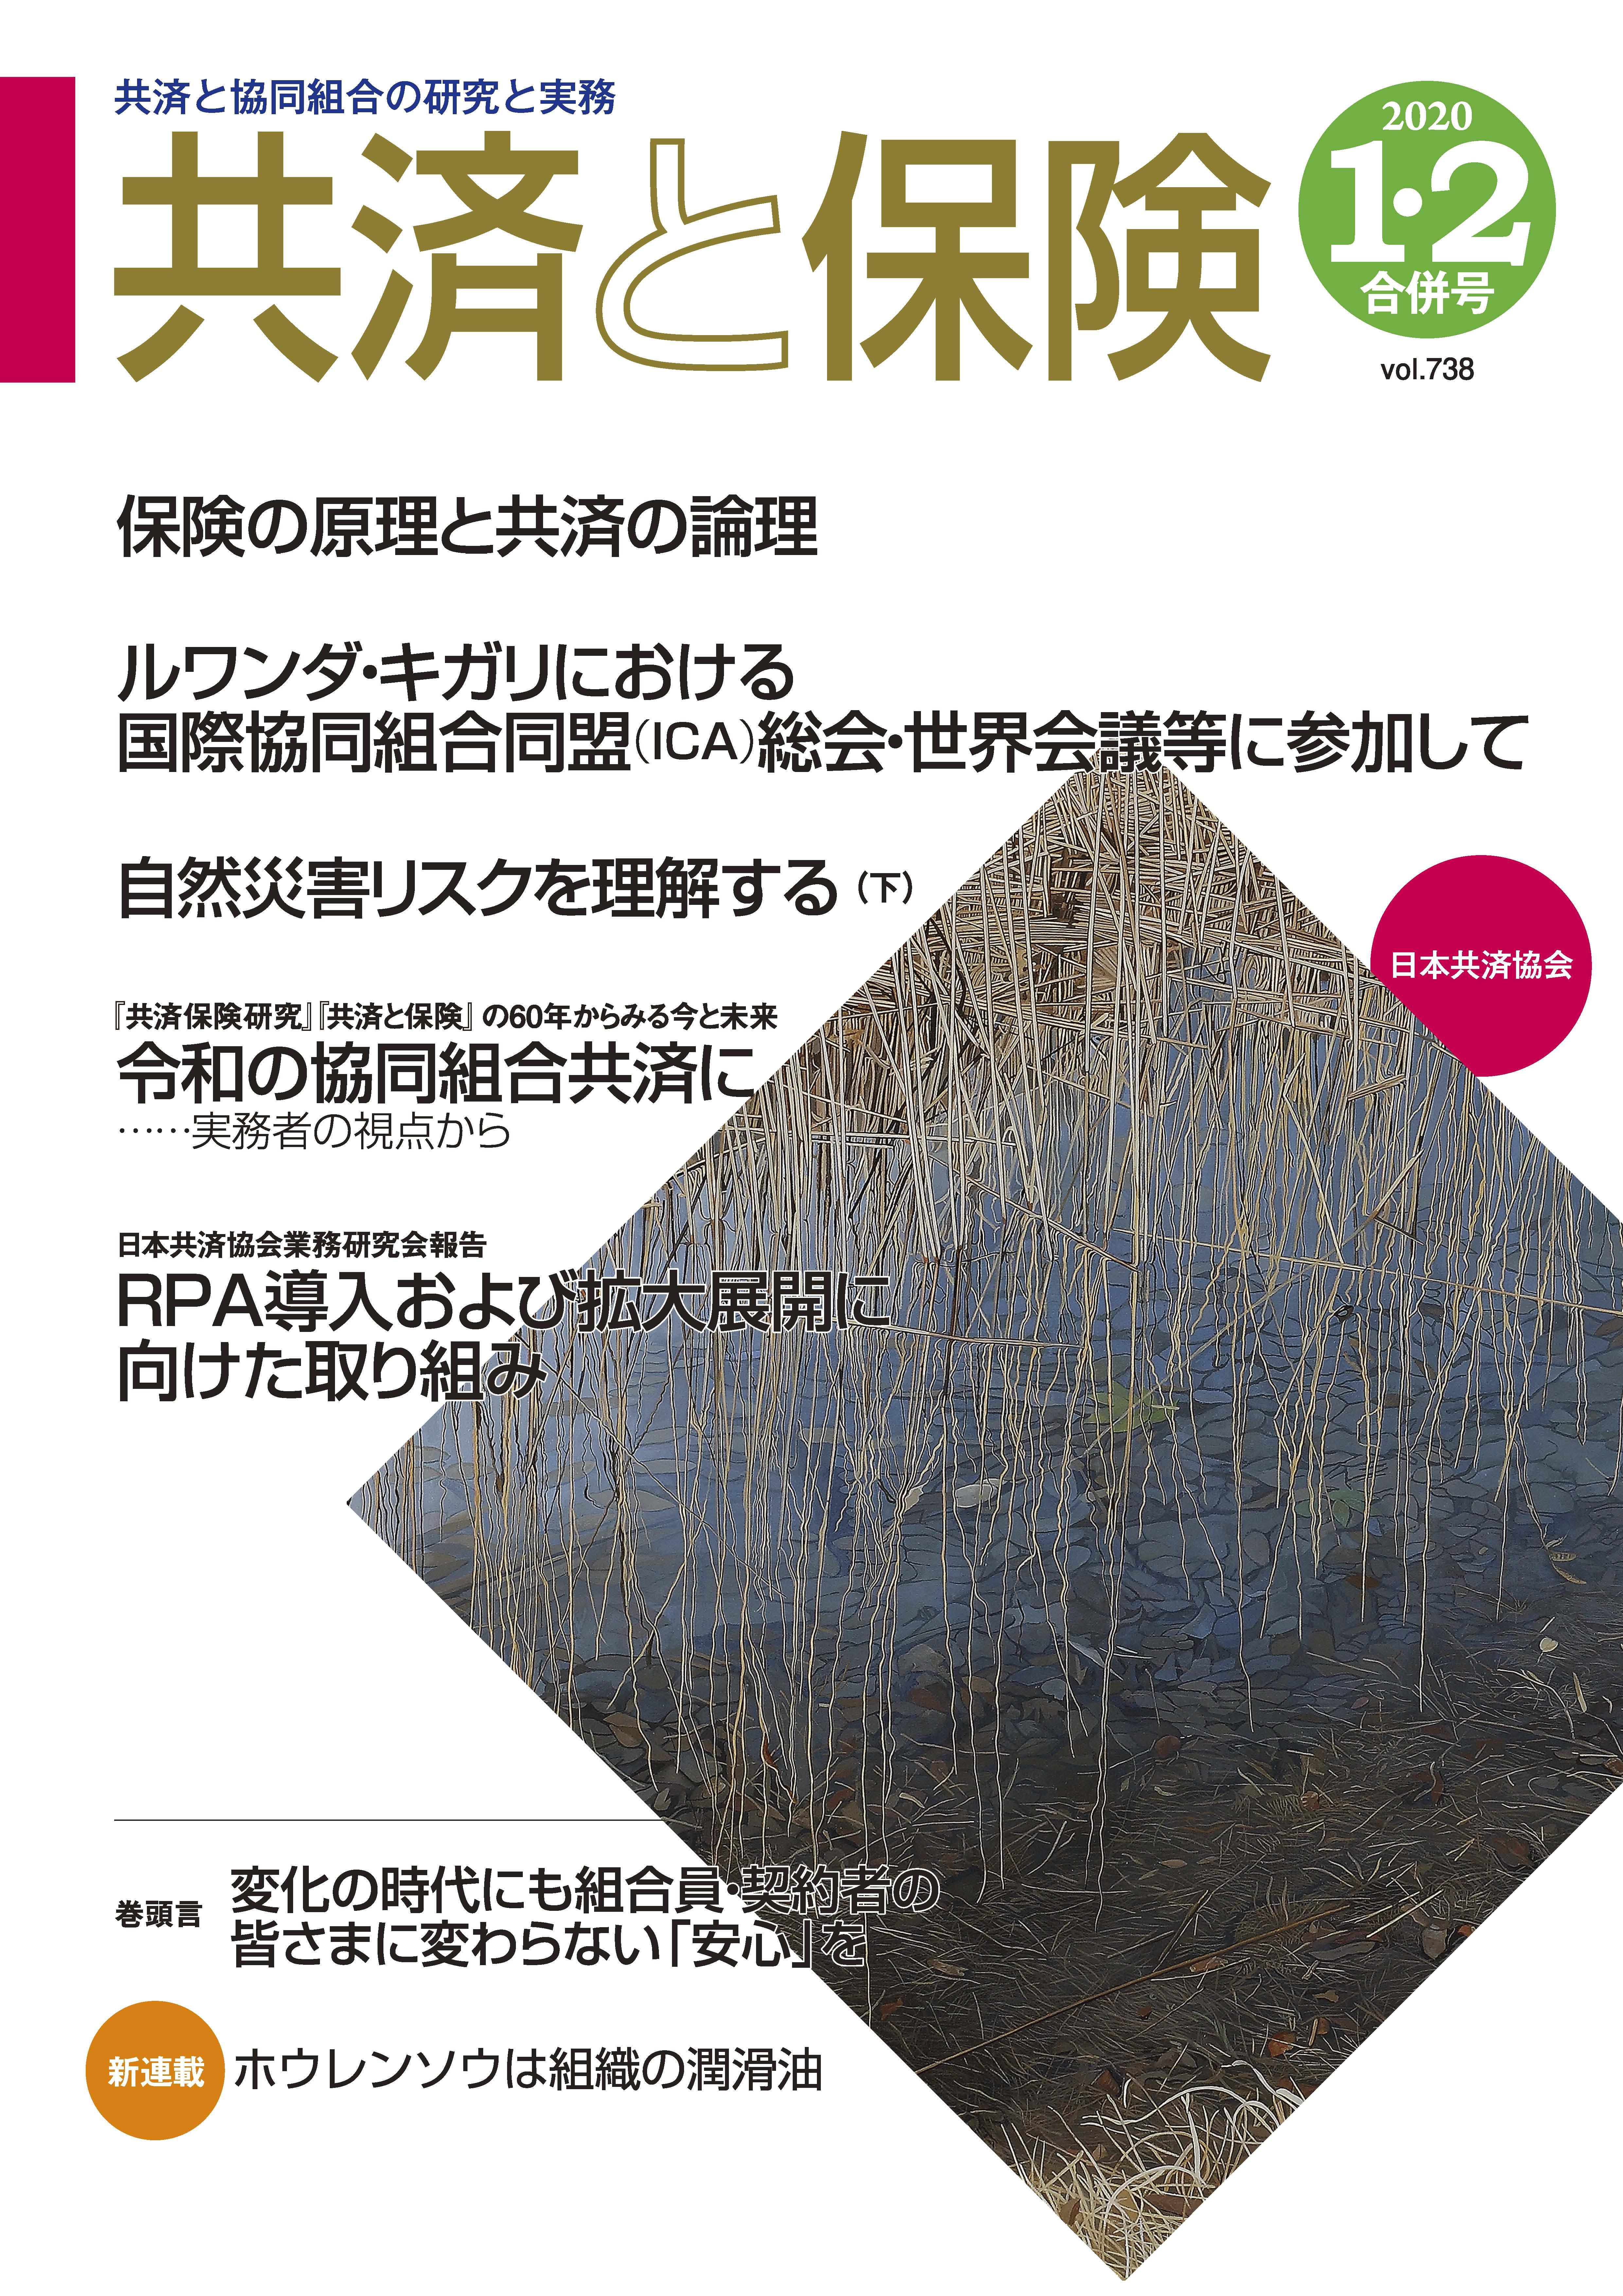 月刊誌「共済と保険」表紙